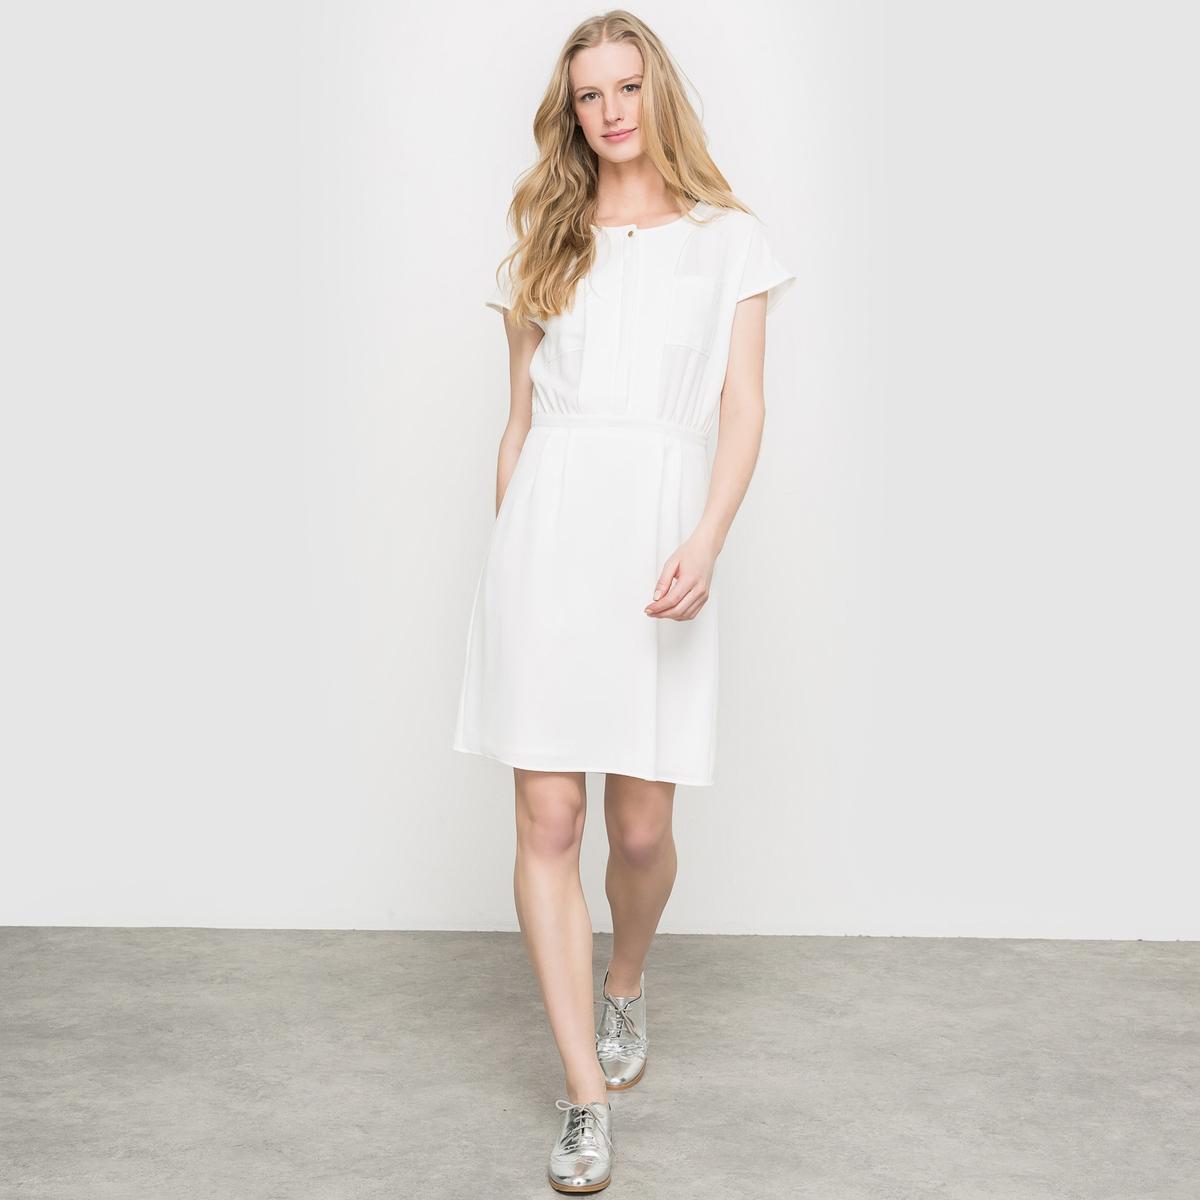 Платье с короткими рукавамиКороткие рукава. Эластичный пояс. Широкая вставка на талии. Два накладных кармана на груди. Платье 98% полиэстера, 2% эластана. Длина 92 см.<br><br>Цвет: экрю<br>Размер: 46 (FR) - 52 (RUS)